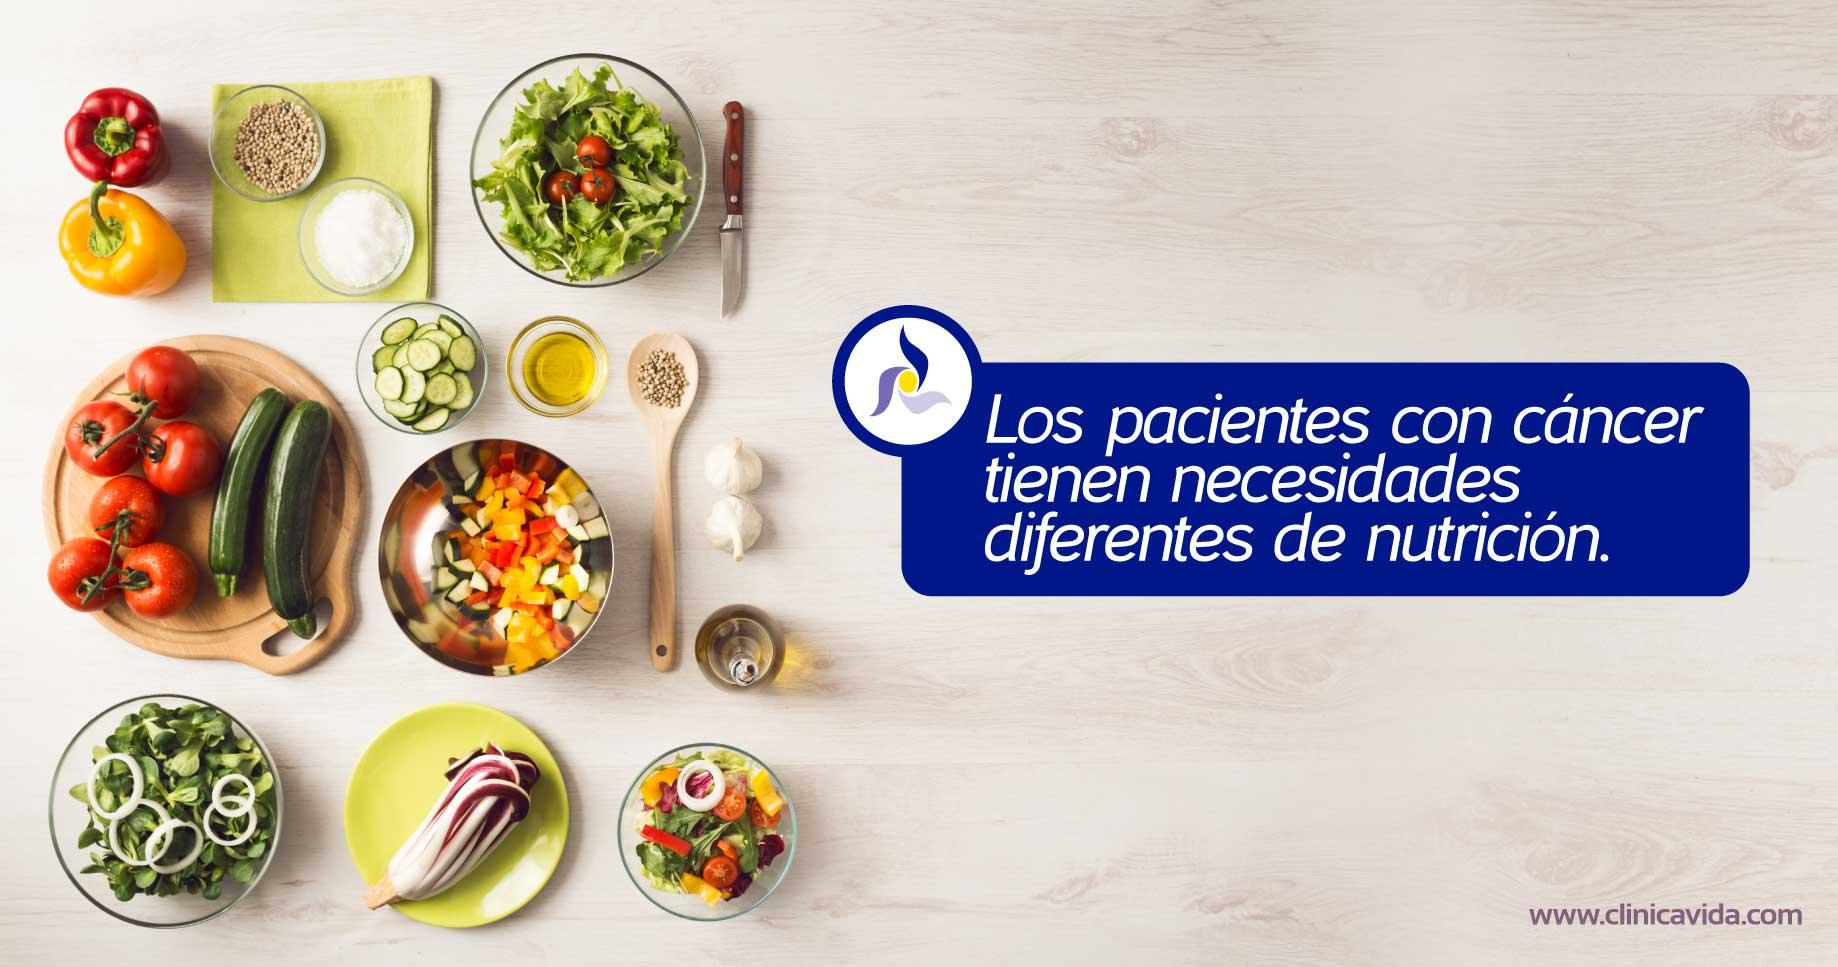 Las personas con cáncer tienen necesidades diferentes de nutrición